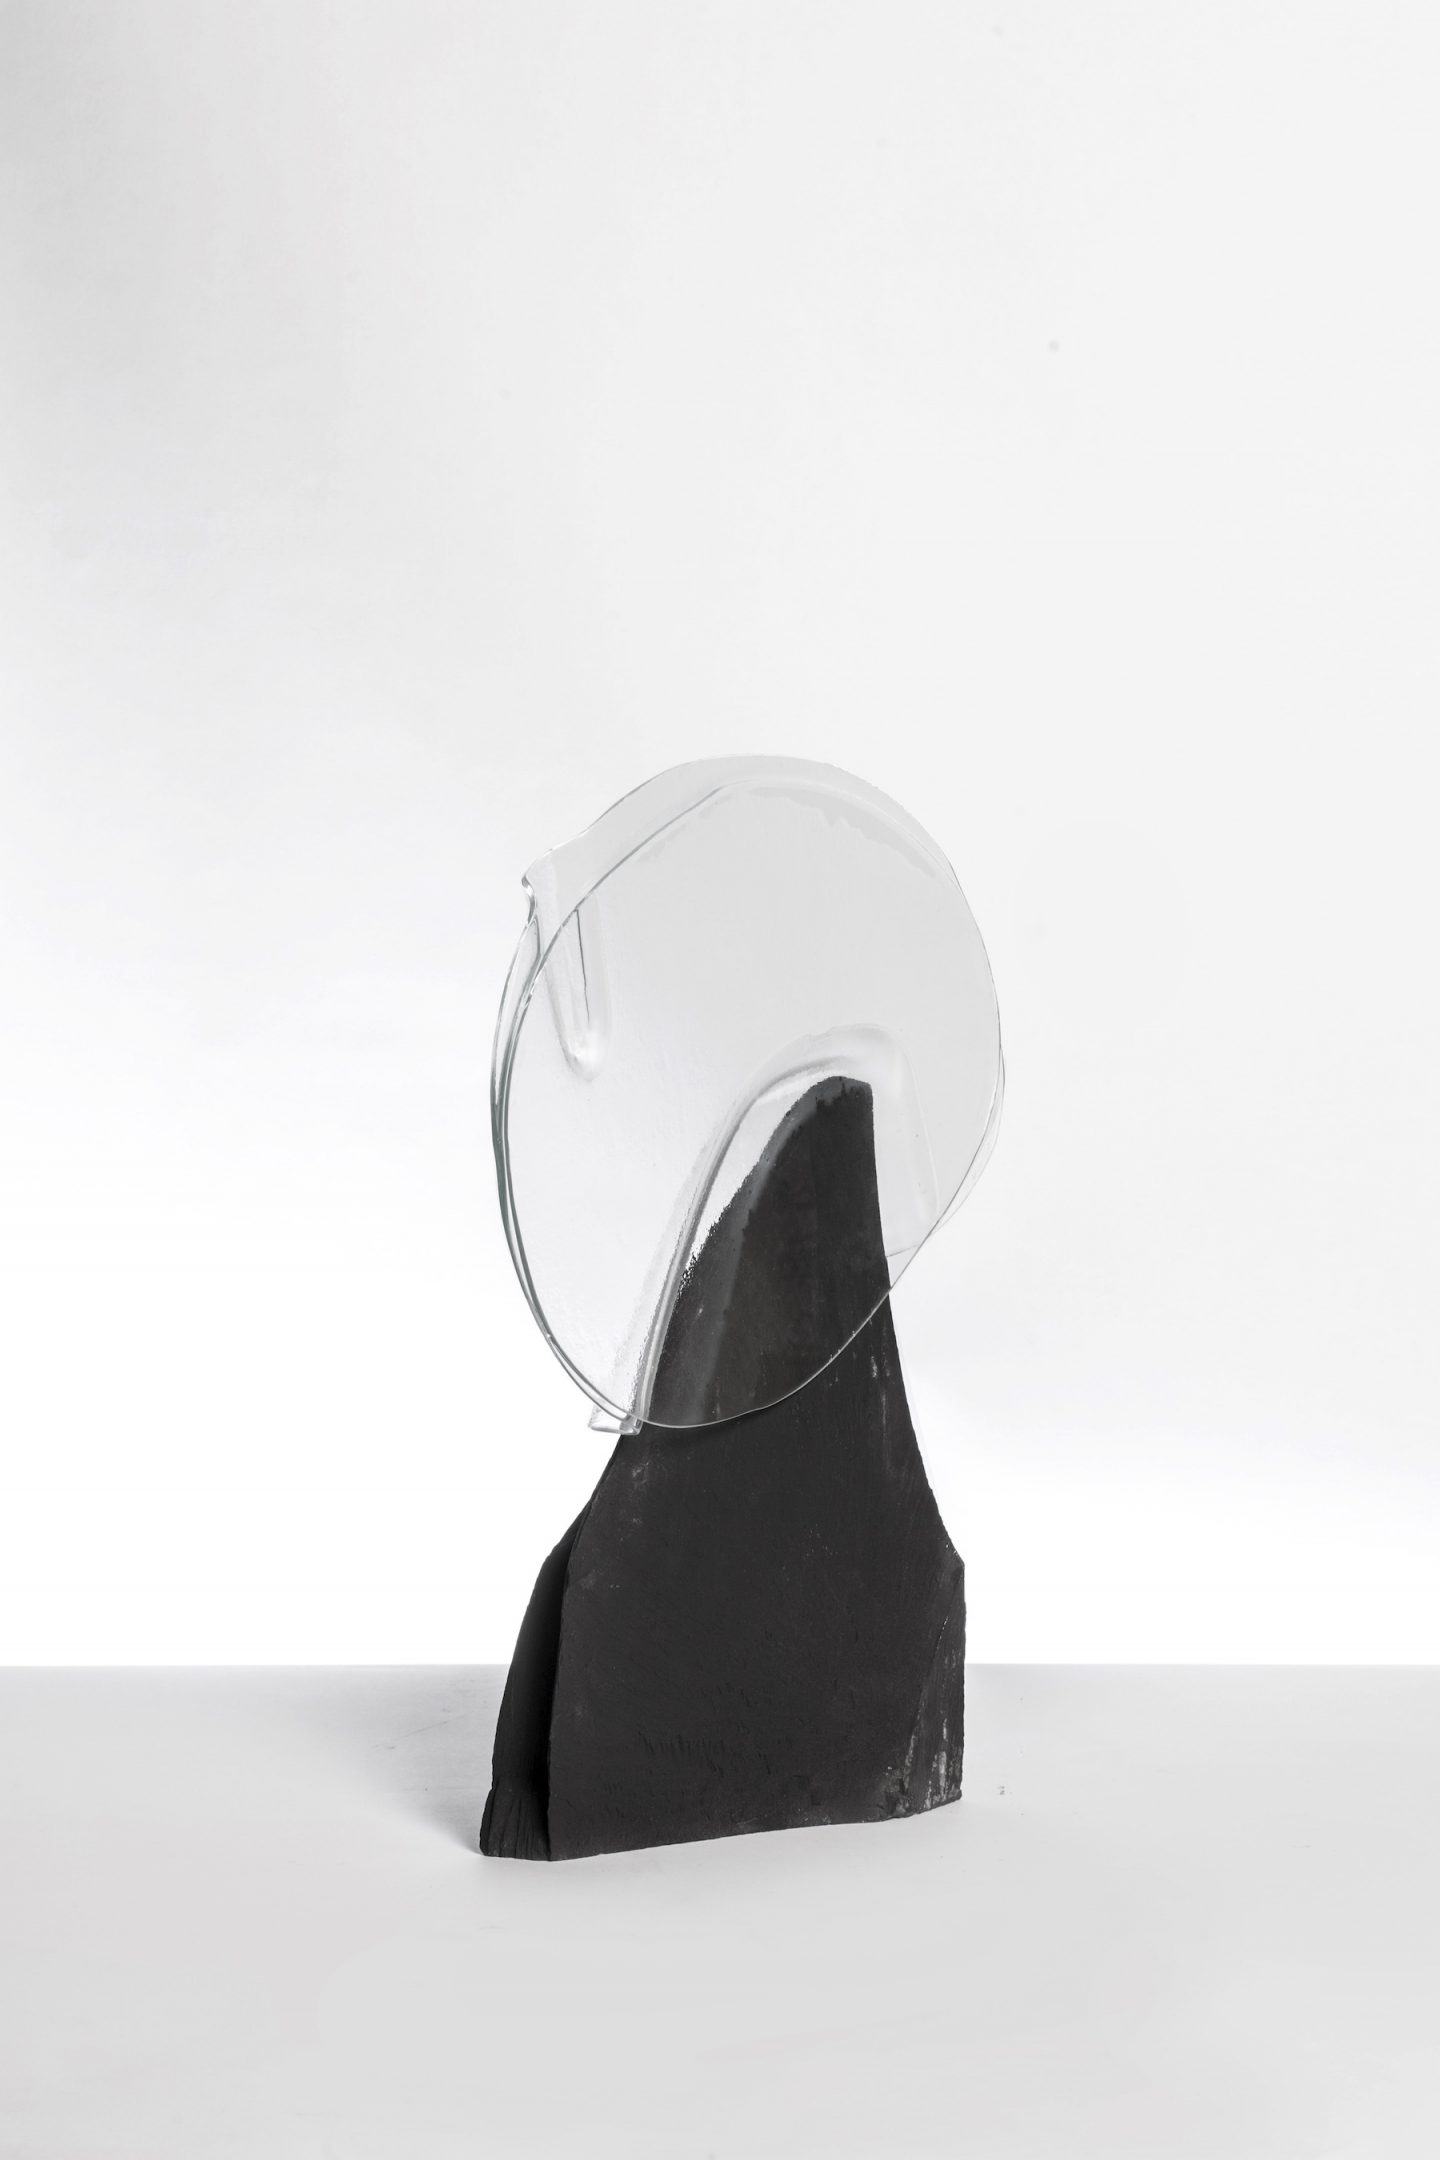 iGNANT-Design-Sara-Ricciardi-Vases-009